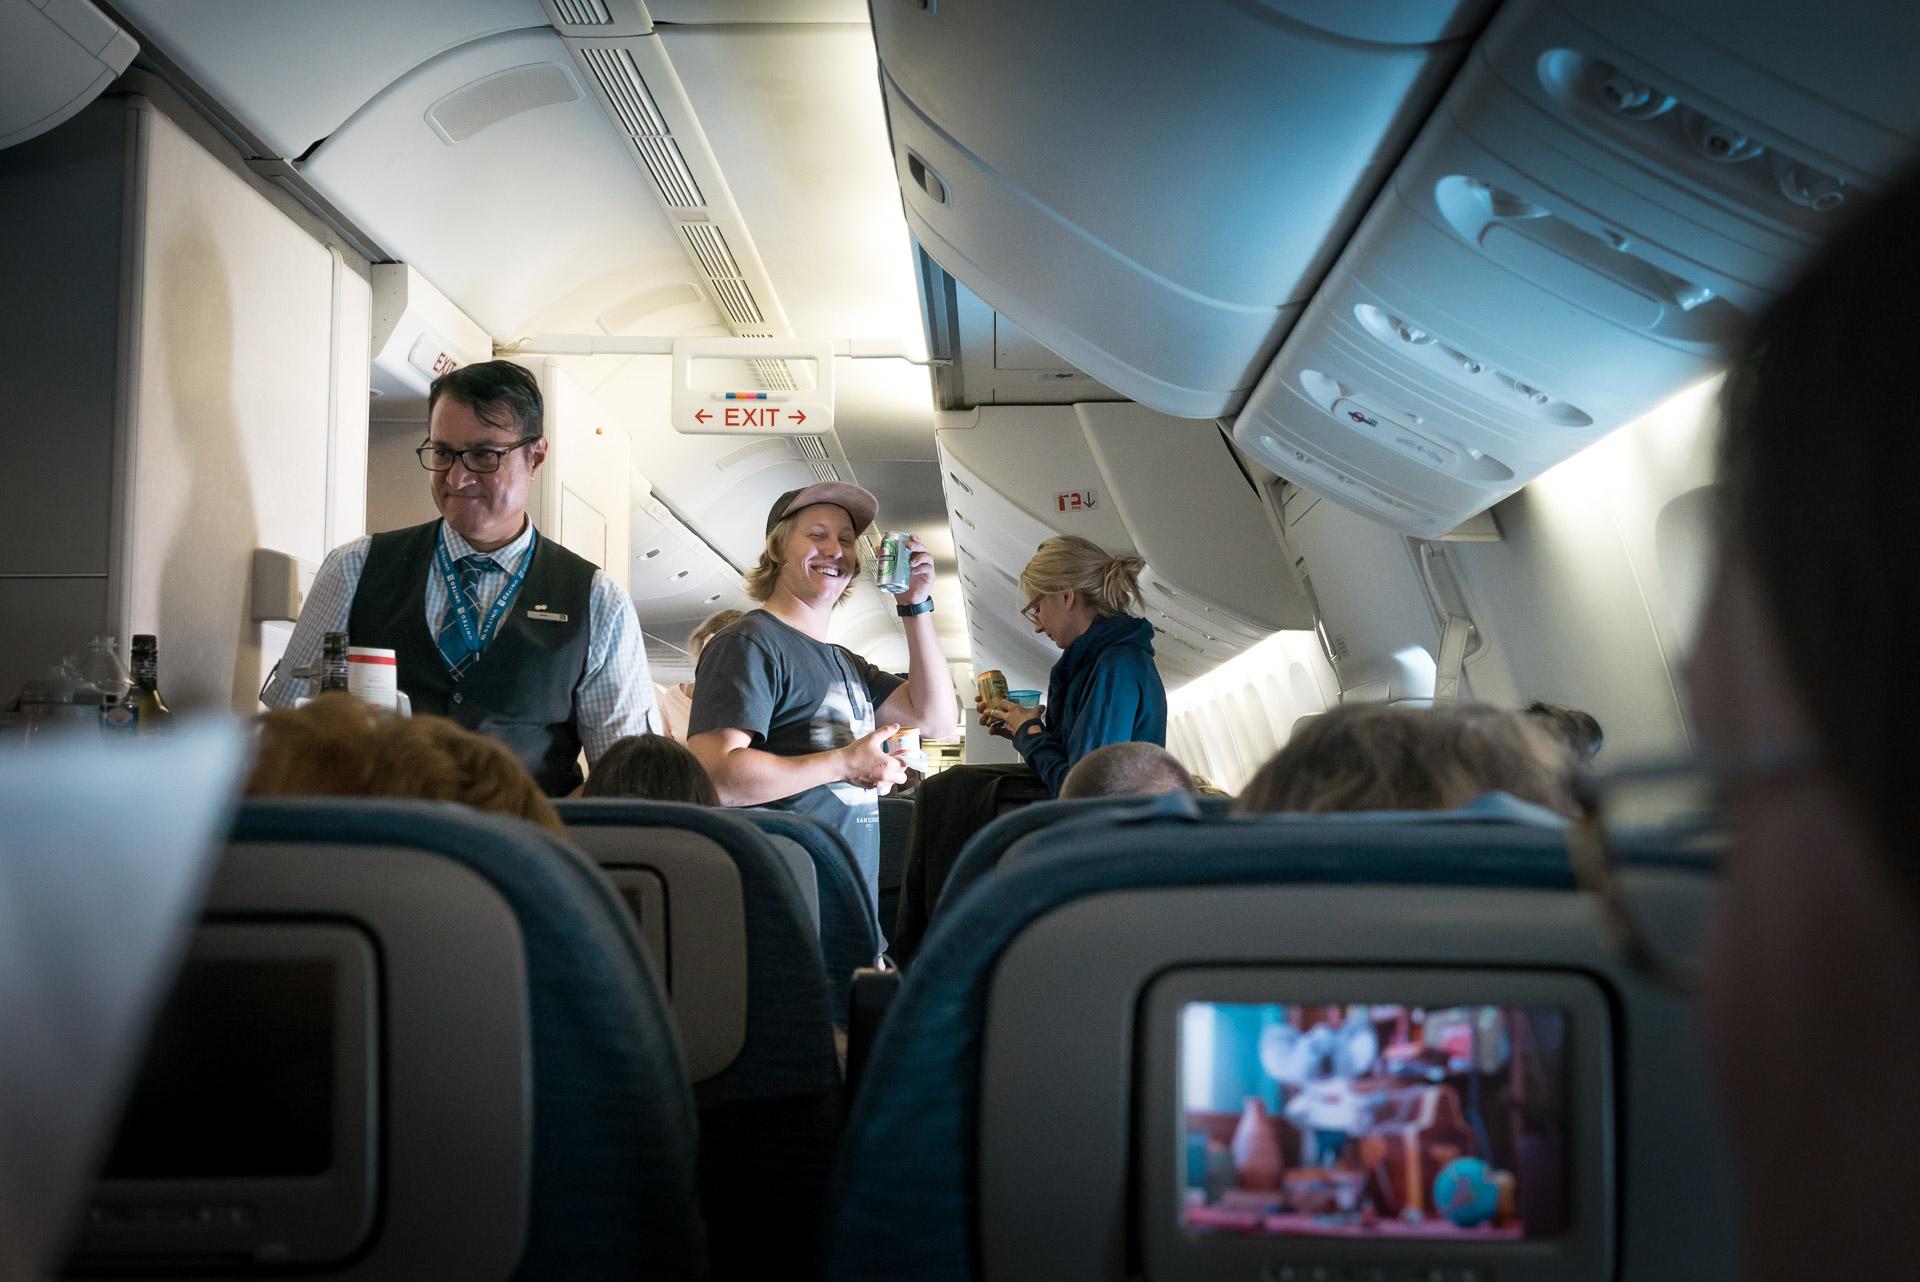 Sebi auf dem Hinflug von München nach LA: Vorfreude und Bier!